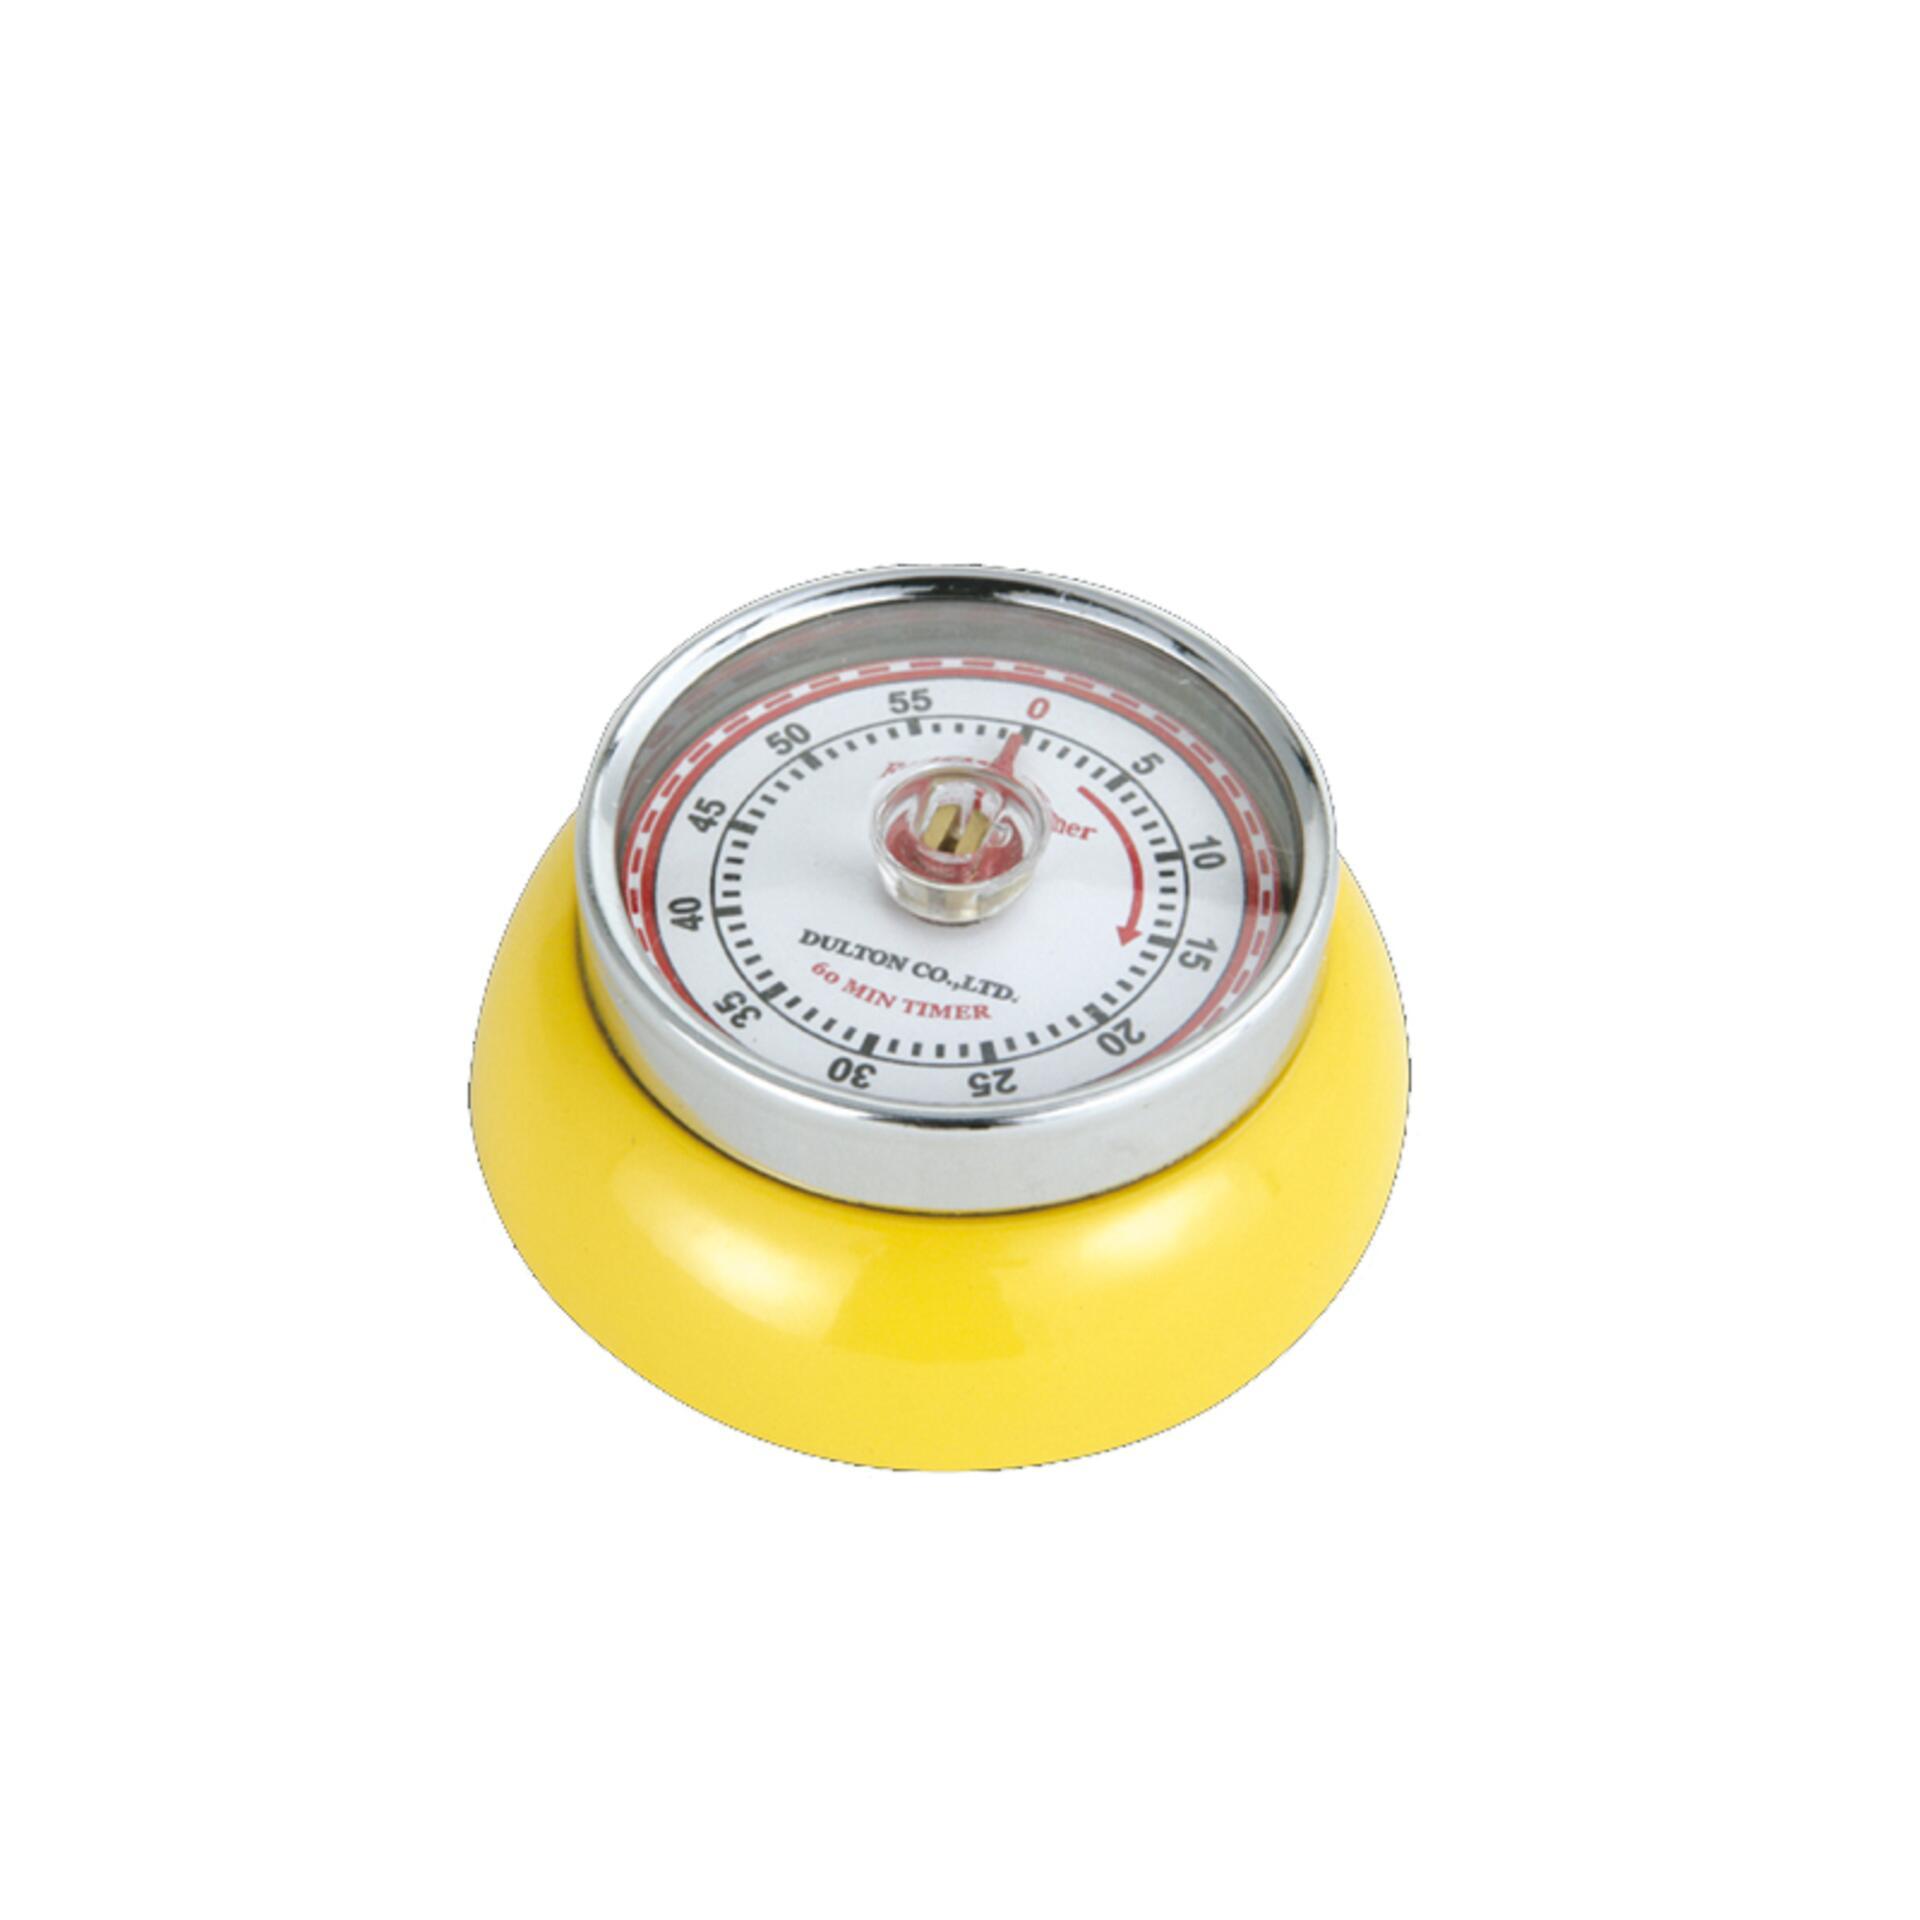 Zassenhaus Küchentimer Speed Gelb